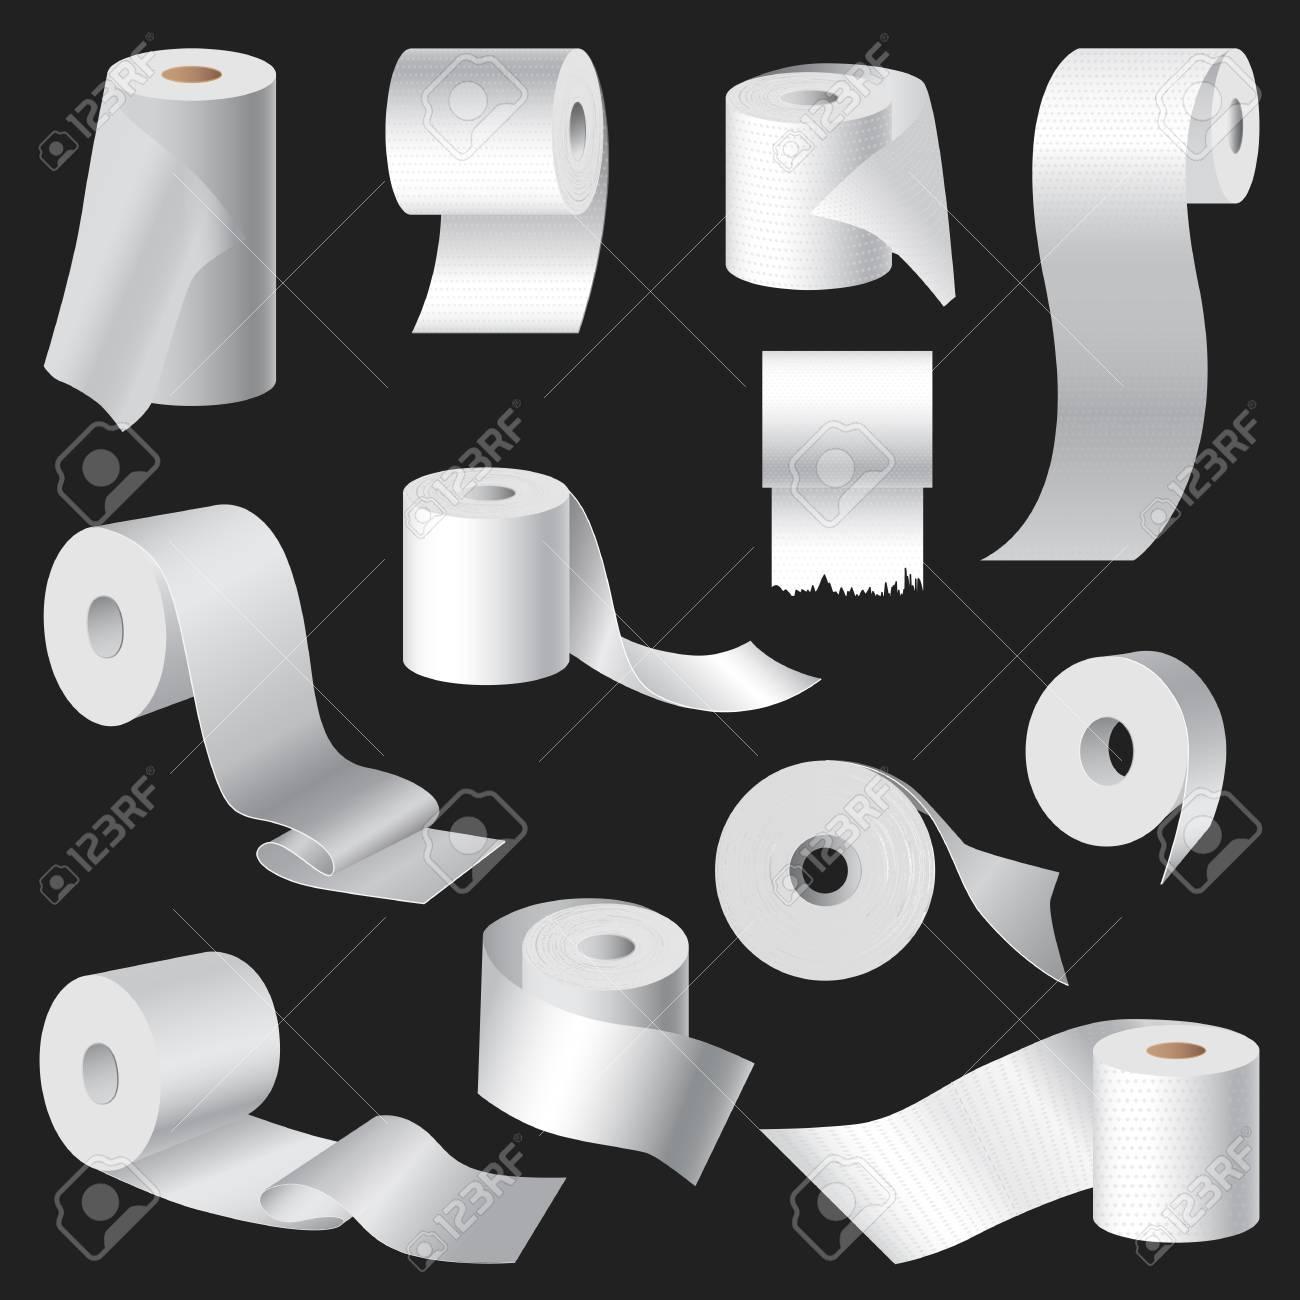 Realistische Toilettenpapier Und Küchentuch Roll Vorlage Mock-up-Set ...